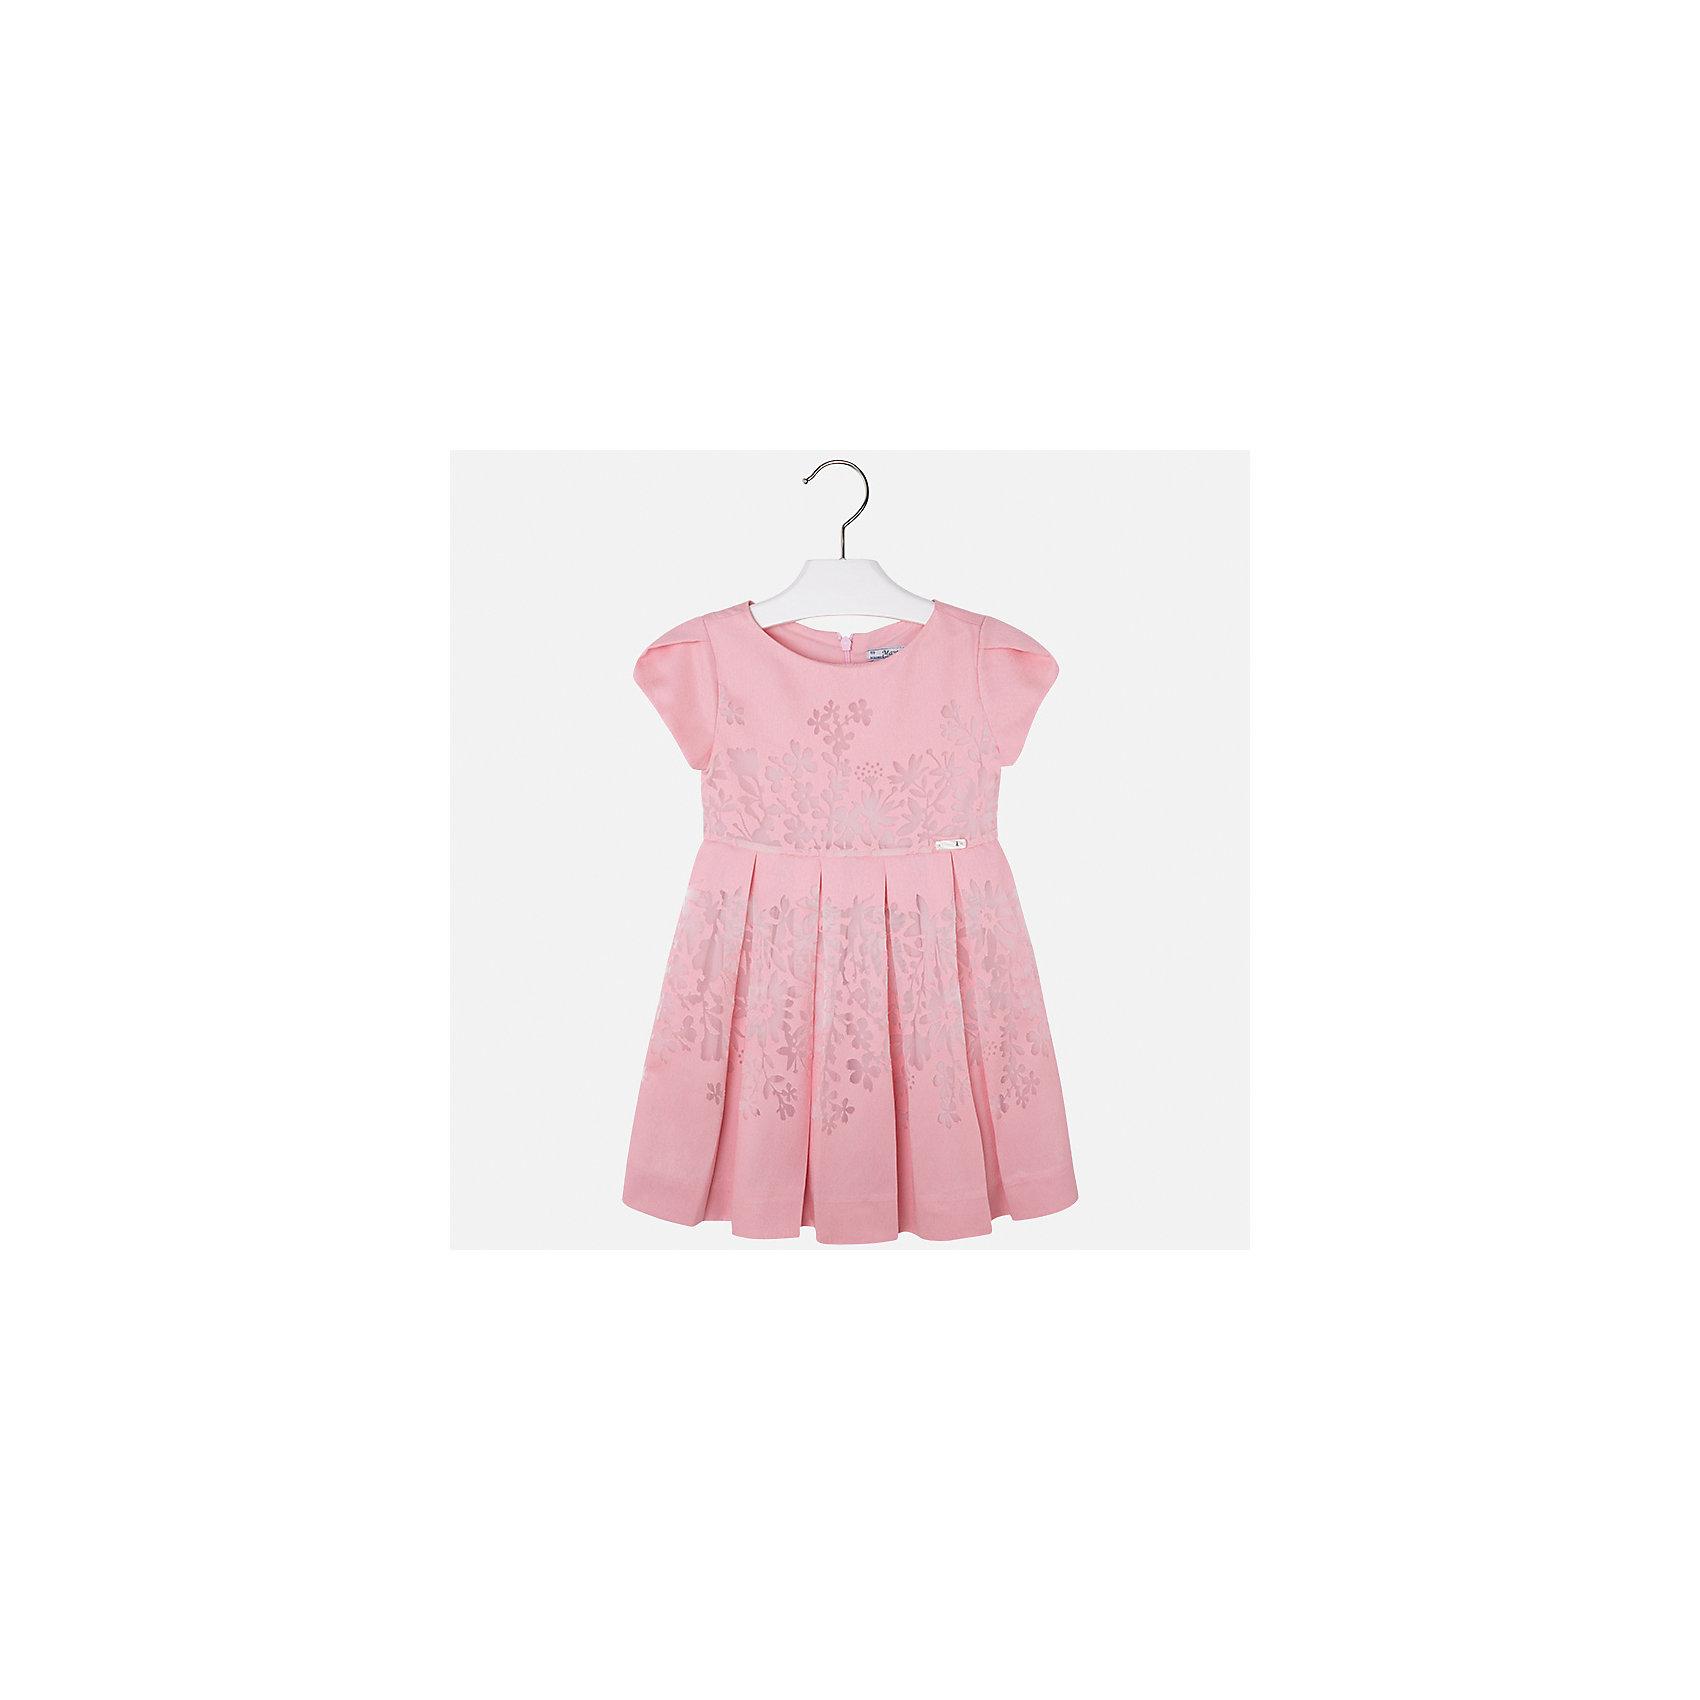 Платье для девочки MayoralОдежда<br>Характеристики товара:<br><br>• цвет: розовый<br>• состав: 80% вискоза, 20% полиэстер, подкладка - 65% полиэстер, 35% хлопок<br>• застежка: молния<br>• легкий материал<br>• цветочный рисунок<br>• без рукавов<br>• с подкладкой<br>• страна бренда: Испания<br><br>Красивое легкое платье для девочки поможет разнообразить гардероб ребенка и создать эффектный наряд. Оно подойдет и для торжественных случаев, может быть и как ежедневный наряд. Красивый оттенок позволяет подобрать к вещи обувь разных расцветок. В составе материала подкладки - натуральный хлопок, гипоаллергенный, приятный на ощупь, дышащий. Платье хорошо сидит по фигуре.<br><br>Одежда, обувь и аксессуары от испанского бренда Mayoral полюбились детям и взрослым по всему миру. Модели этой марки - стильные и удобные. Для их производства используются только безопасные, качественные материалы и фурнитура. Порадуйте ребенка модными и красивыми вещами от Mayoral! <br><br>Платье для девочки от испанского бренда Mayoral (Майорал) можно купить в нашем интернет-магазине.<br><br>Ширина мм: 236<br>Глубина мм: 16<br>Высота мм: 184<br>Вес г: 177<br>Цвет: белый<br>Возраст от месяцев: 96<br>Возраст до месяцев: 108<br>Пол: Женский<br>Возраст: Детский<br>Размер: 134,98,104,110,116,122,128<br>SKU: 5291084